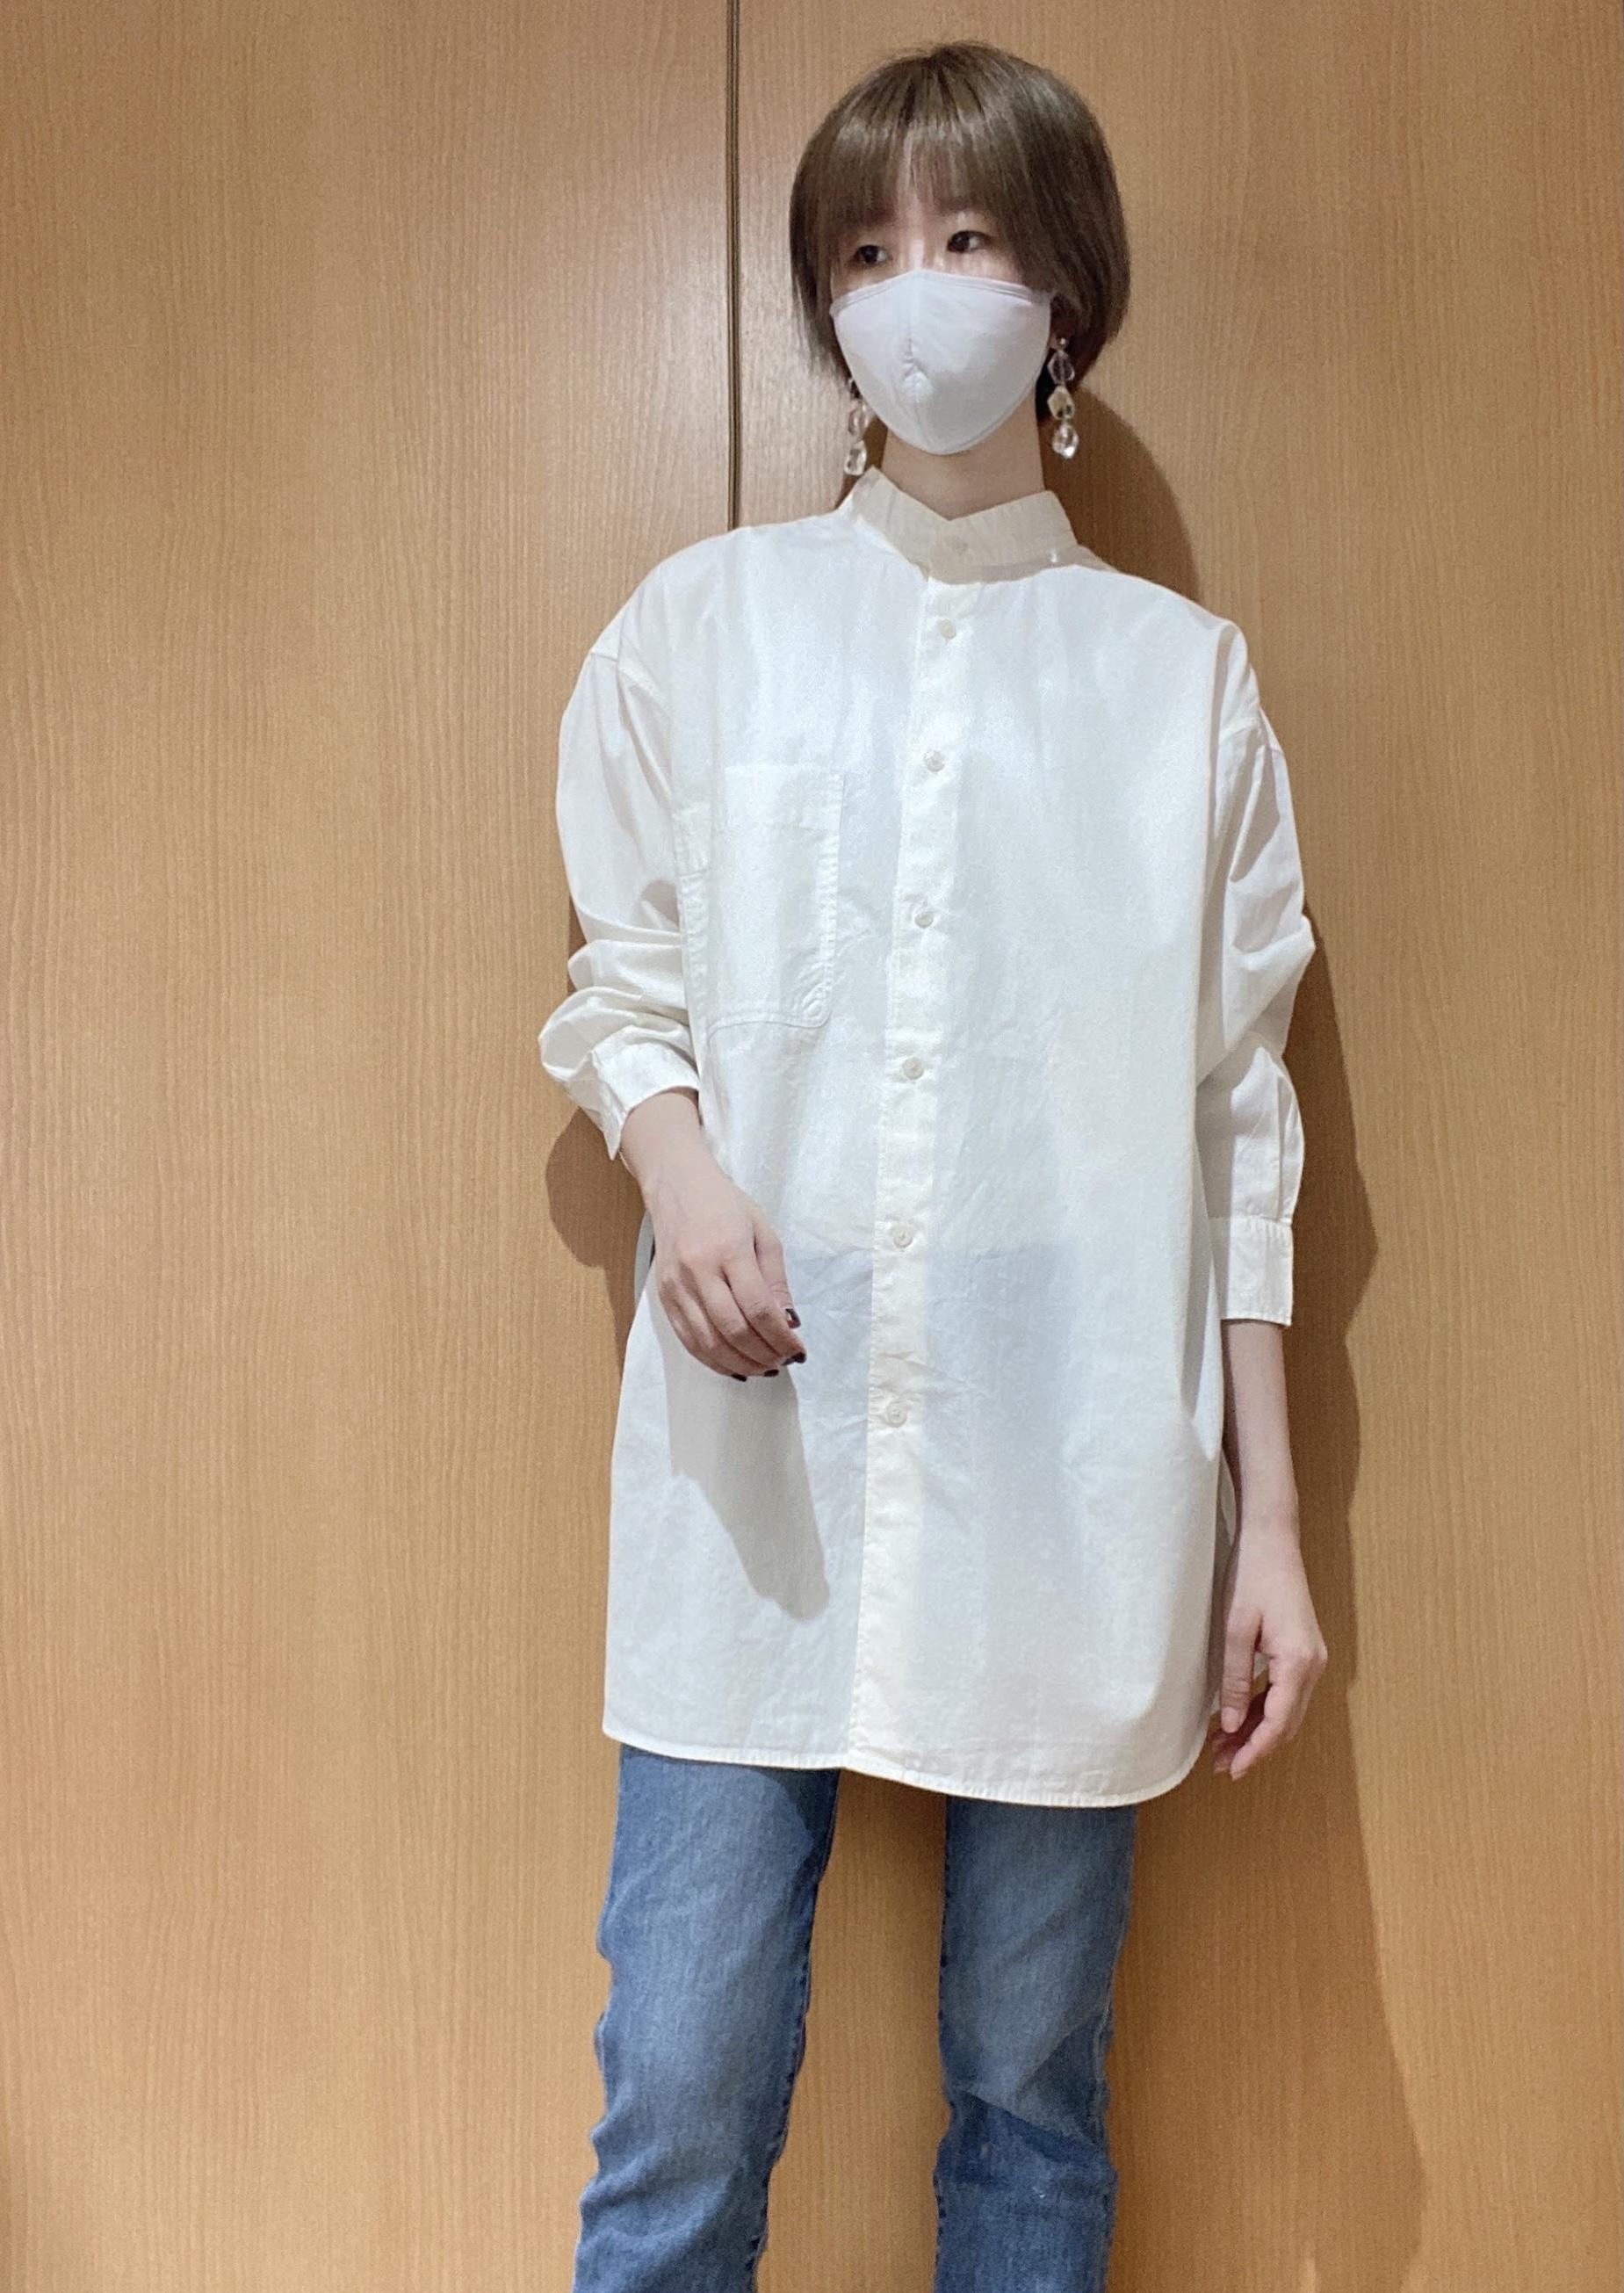 ユニクロユーのオーバーサイズシャツを試着